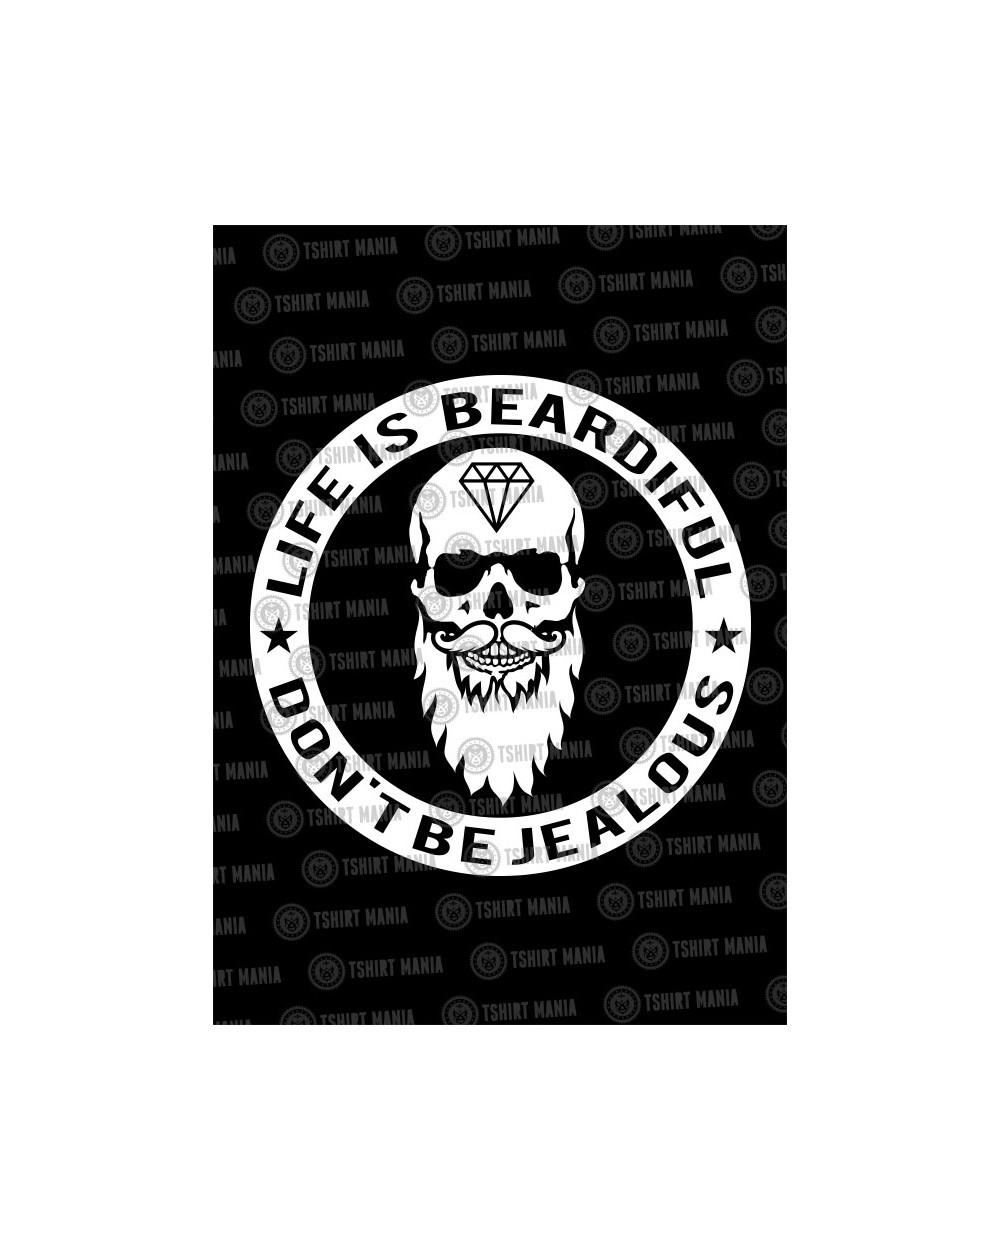 Beard Side